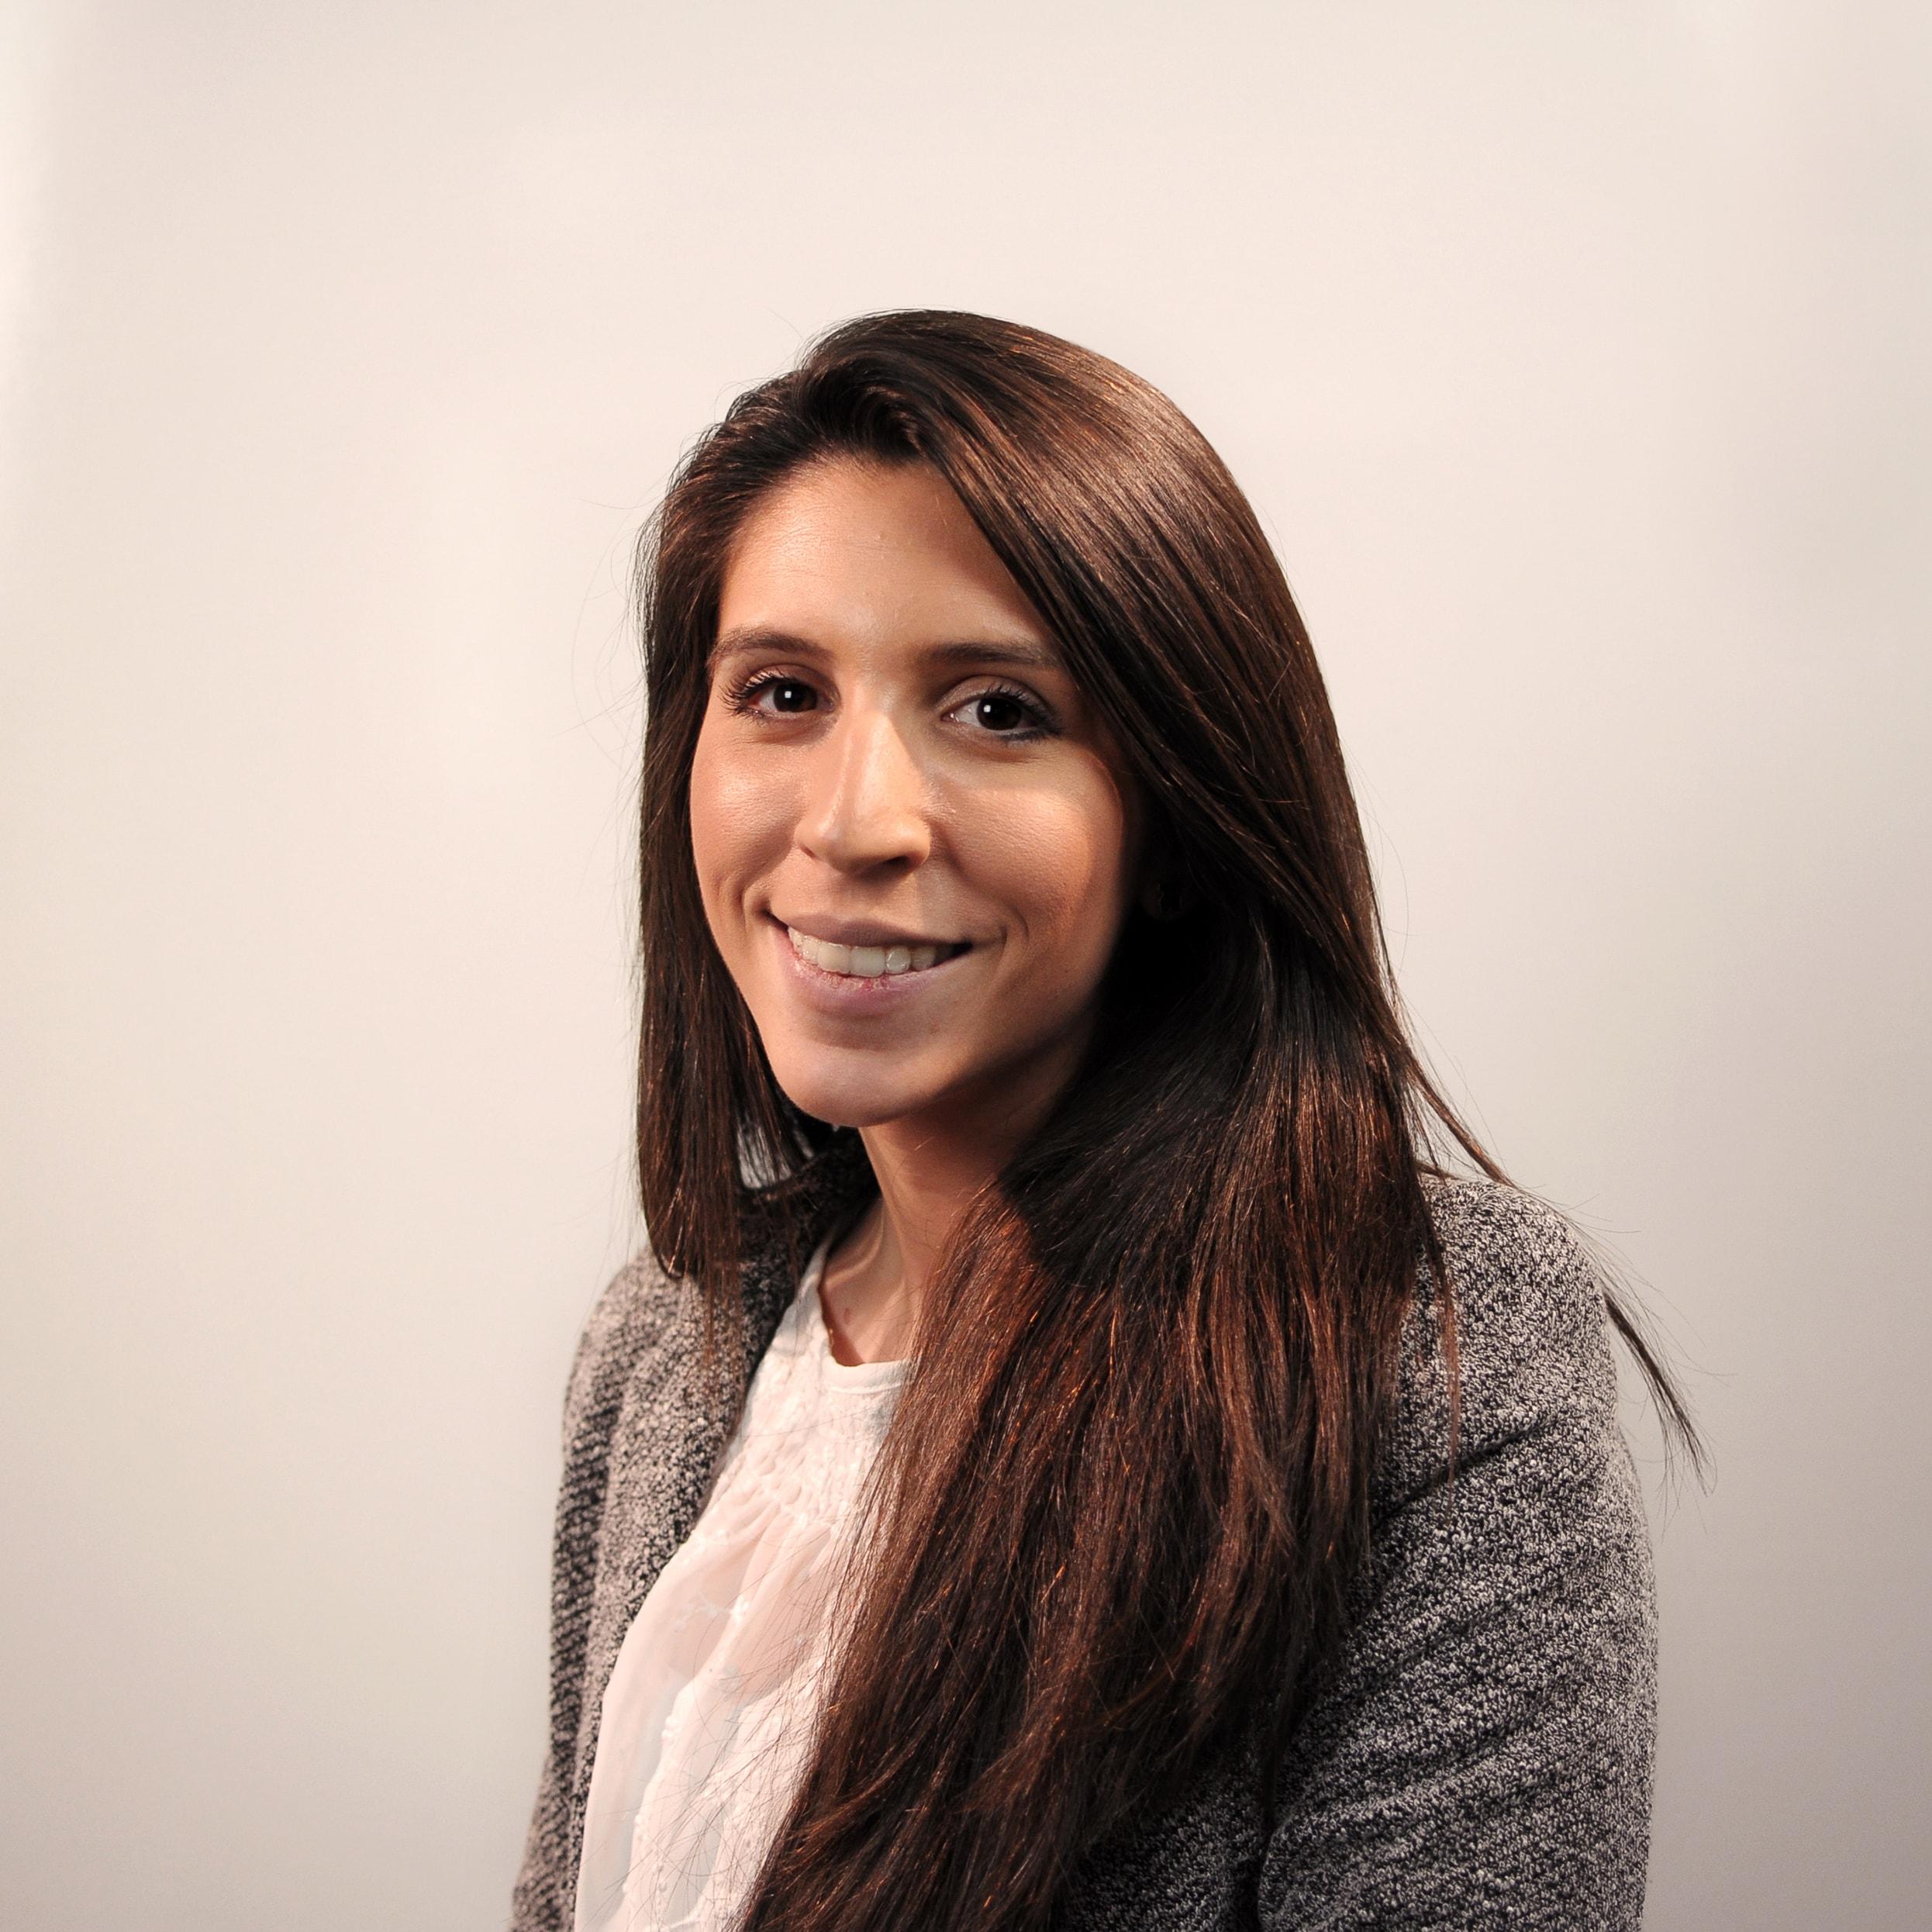 Paola Braojos